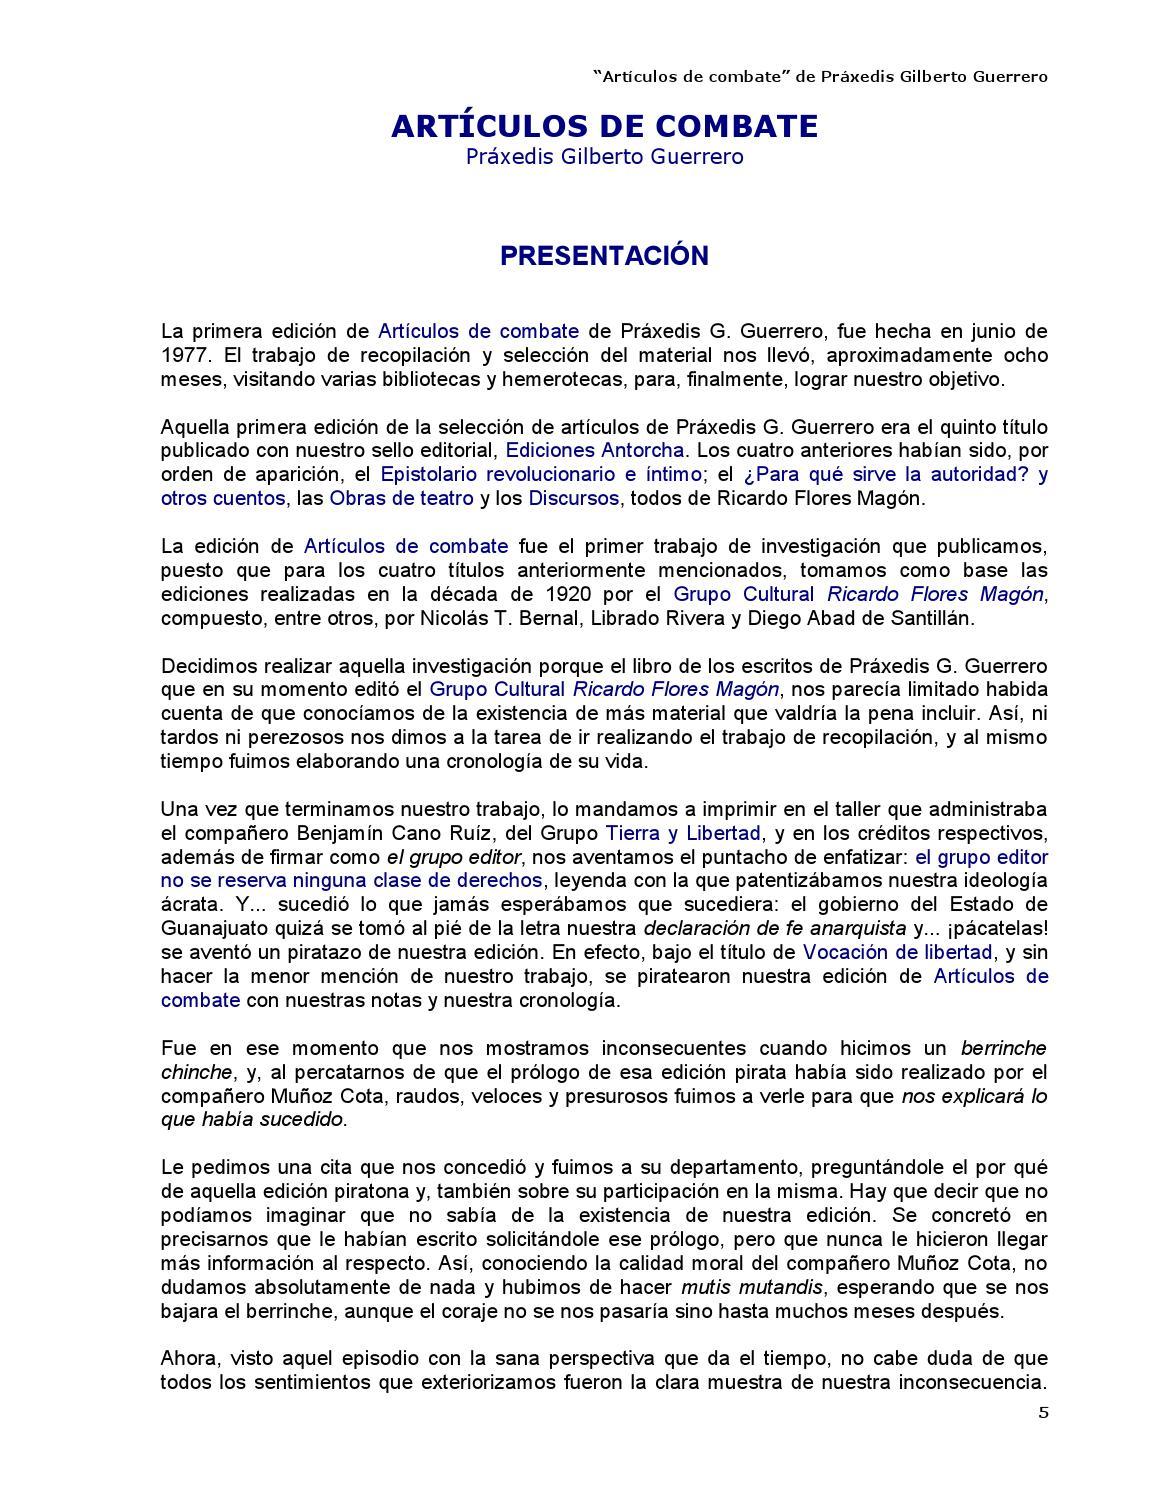 Artículos de combate - Práxedis G. Guerrero by Kclibertaria - issuu